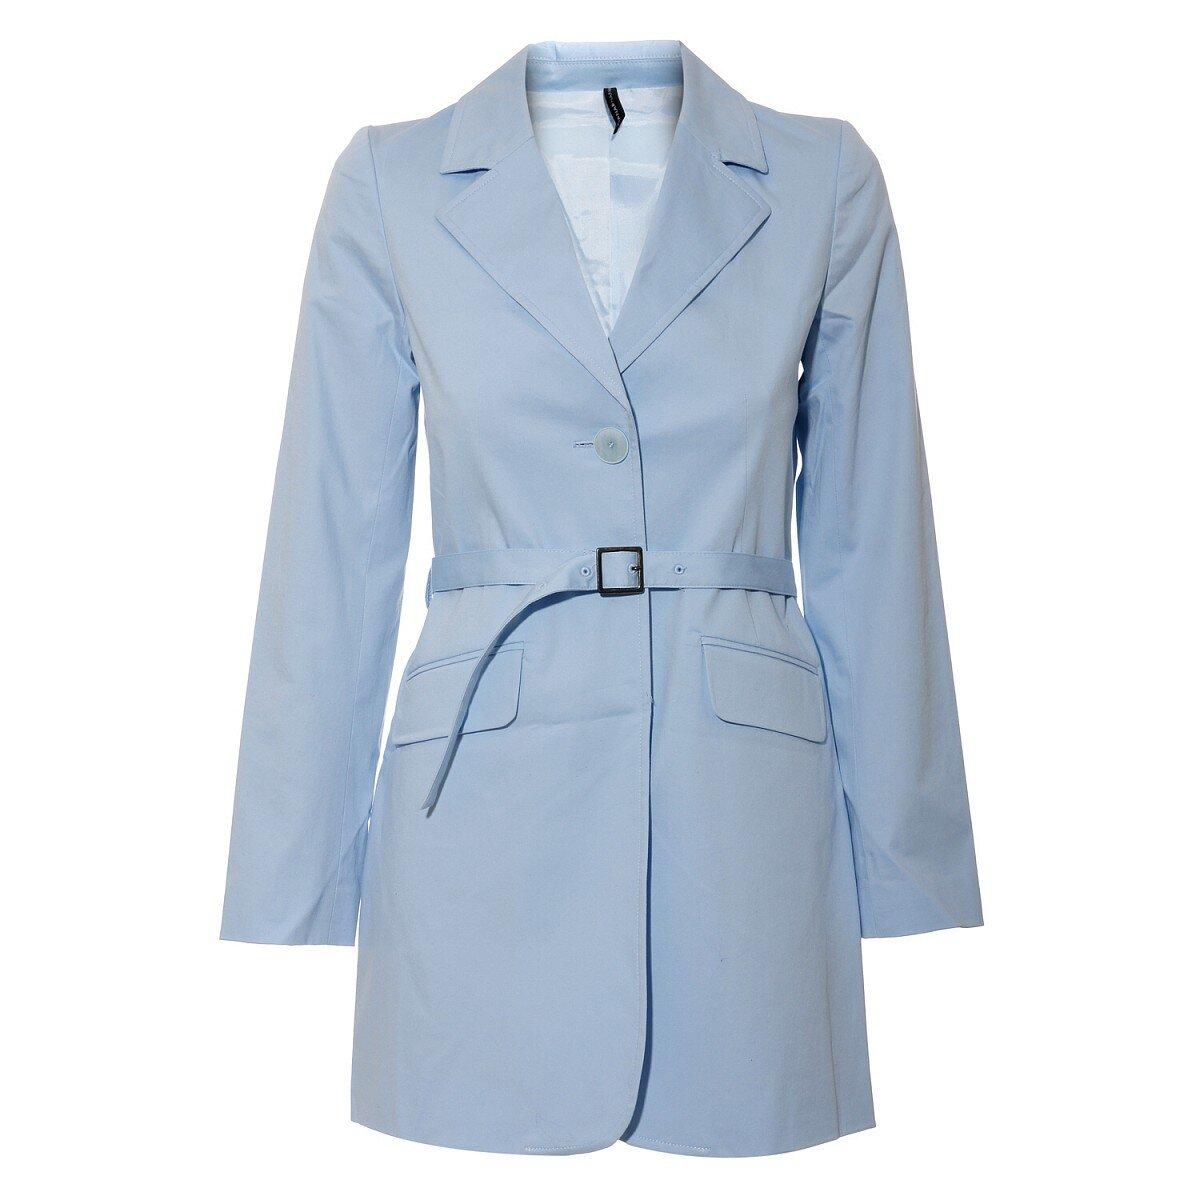 31ccf4c2dfc Světle modrý dámský jarní kabát Naf Naf